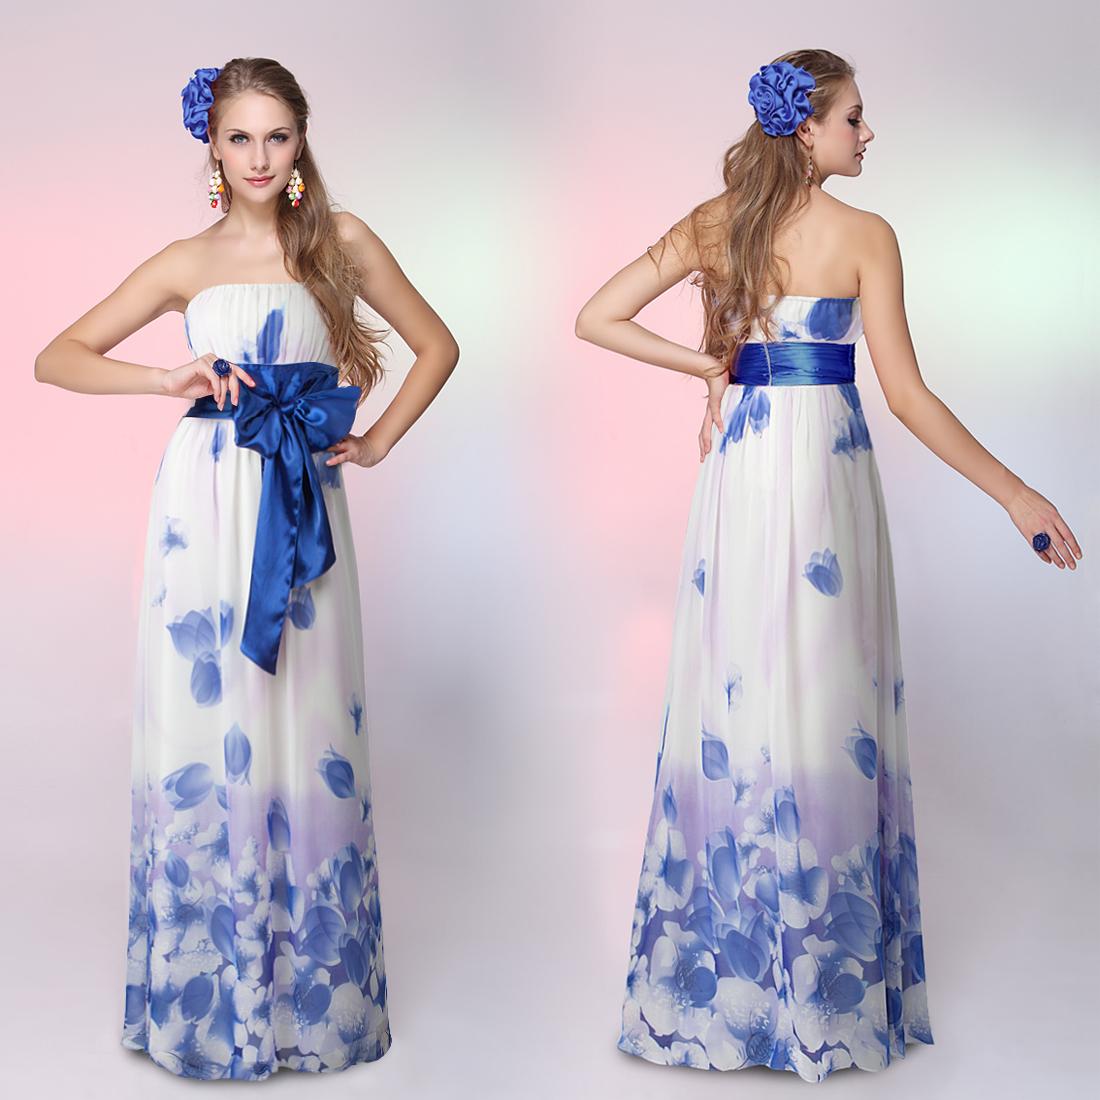 Белое платье с голубым поясом 4